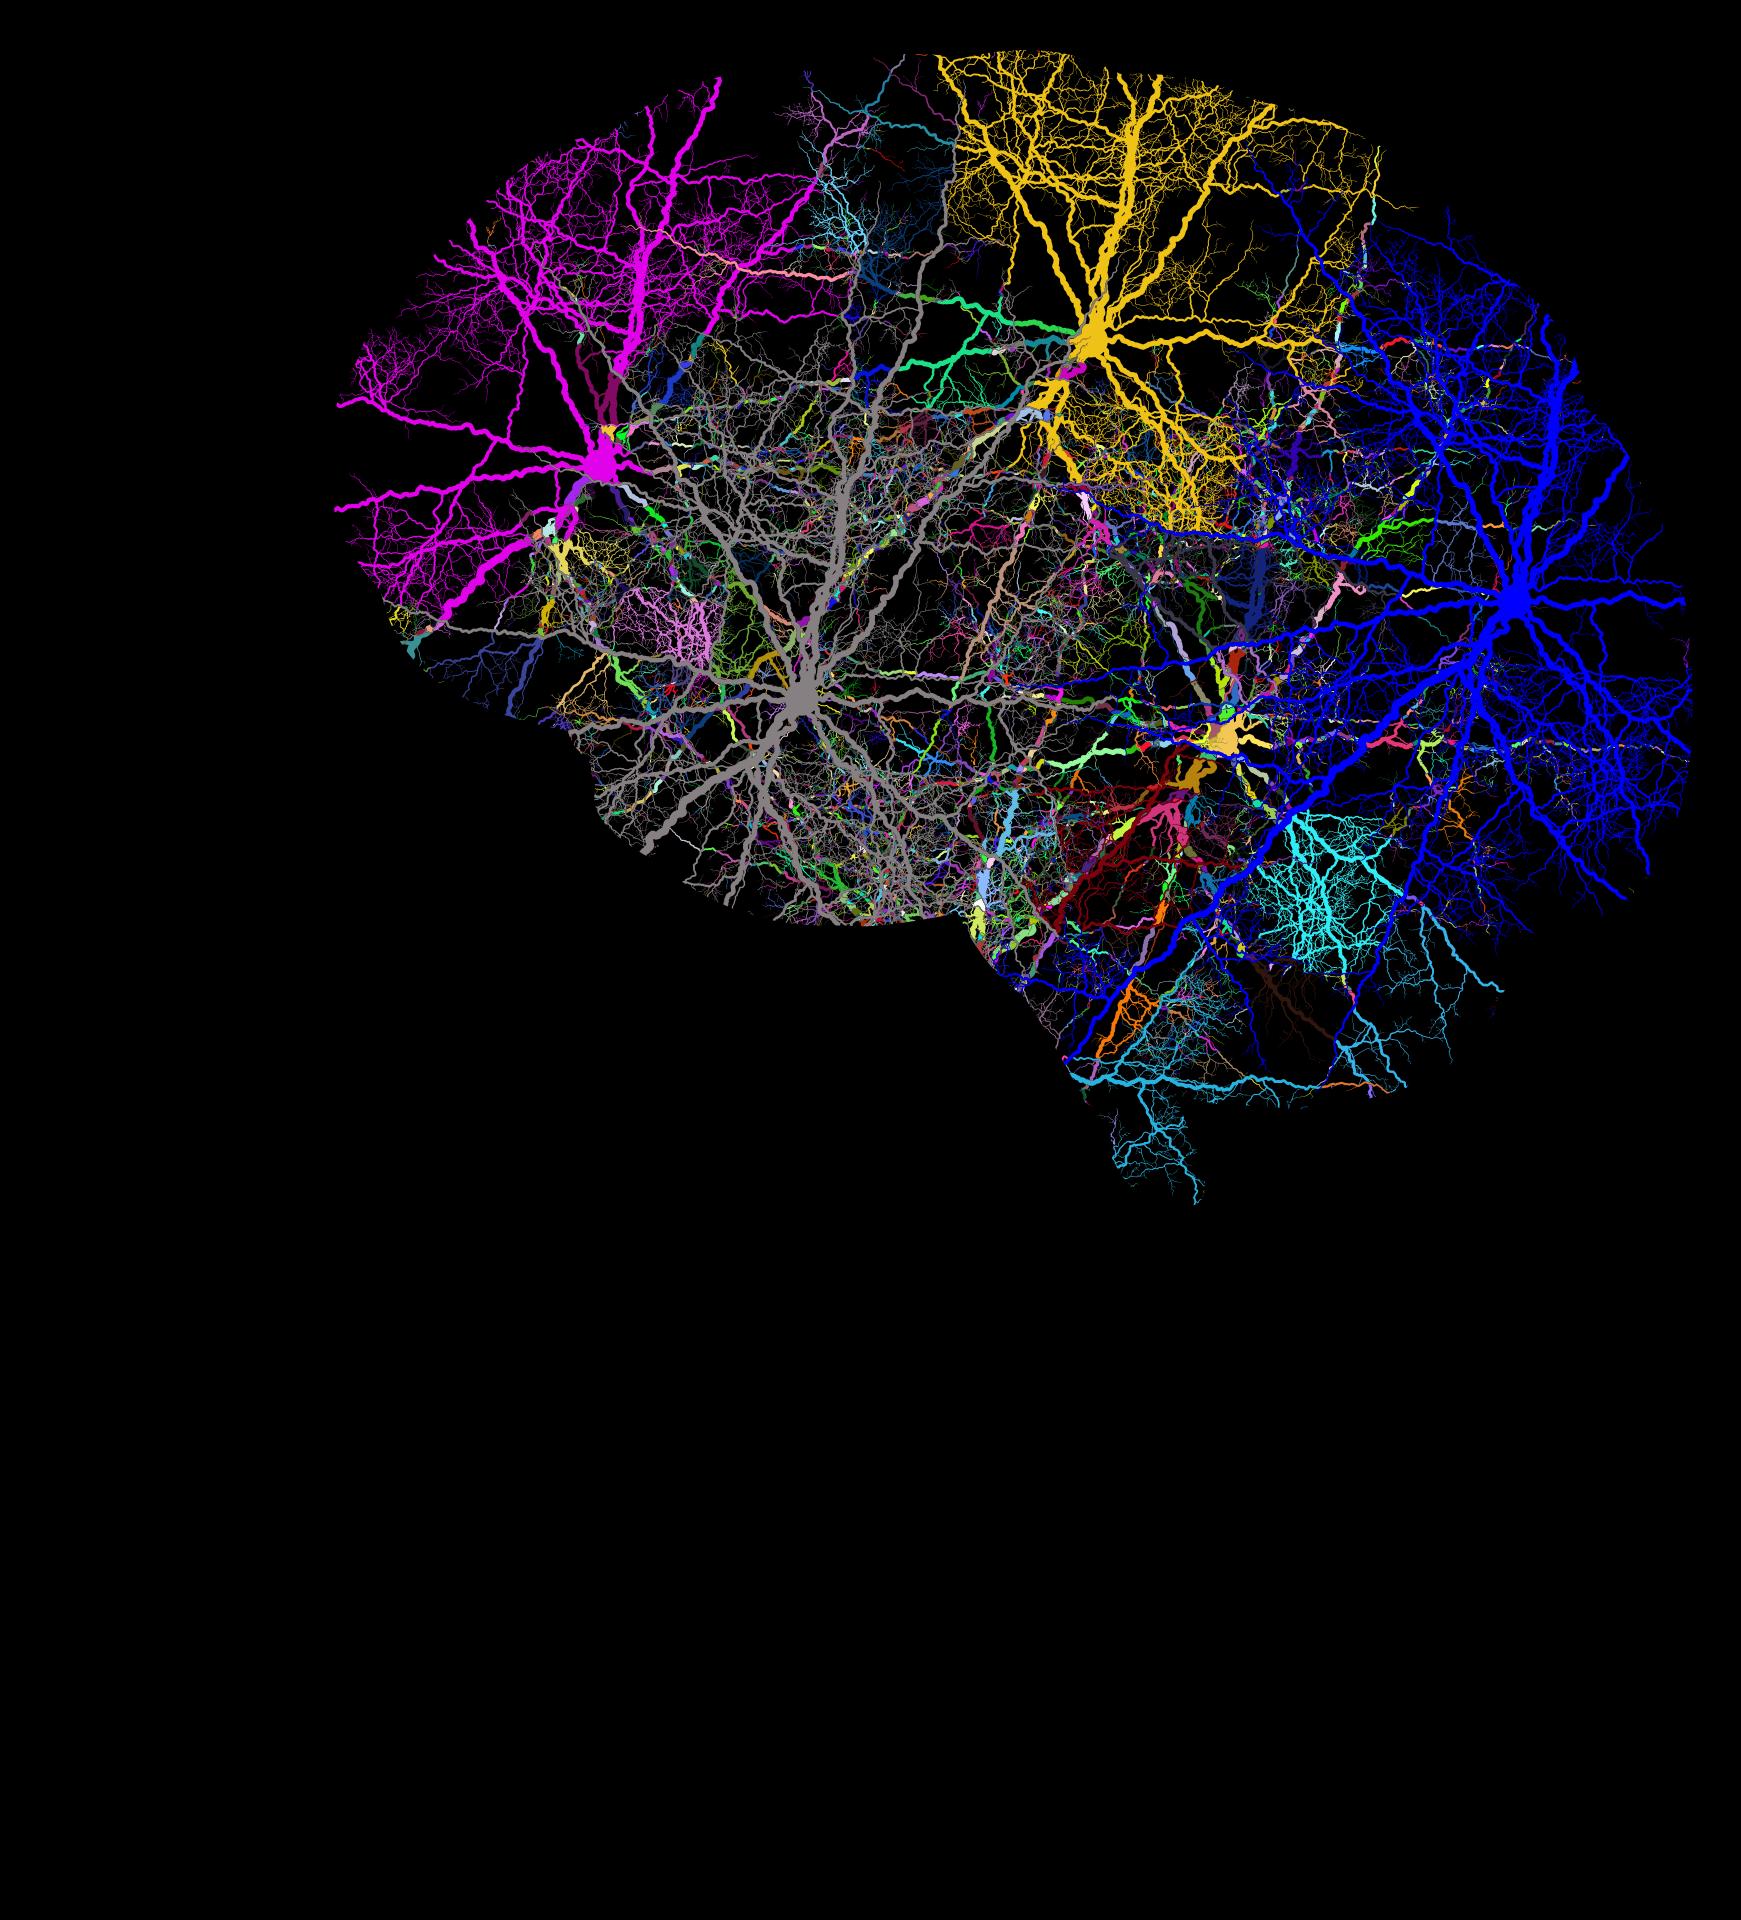 cranium-3244118